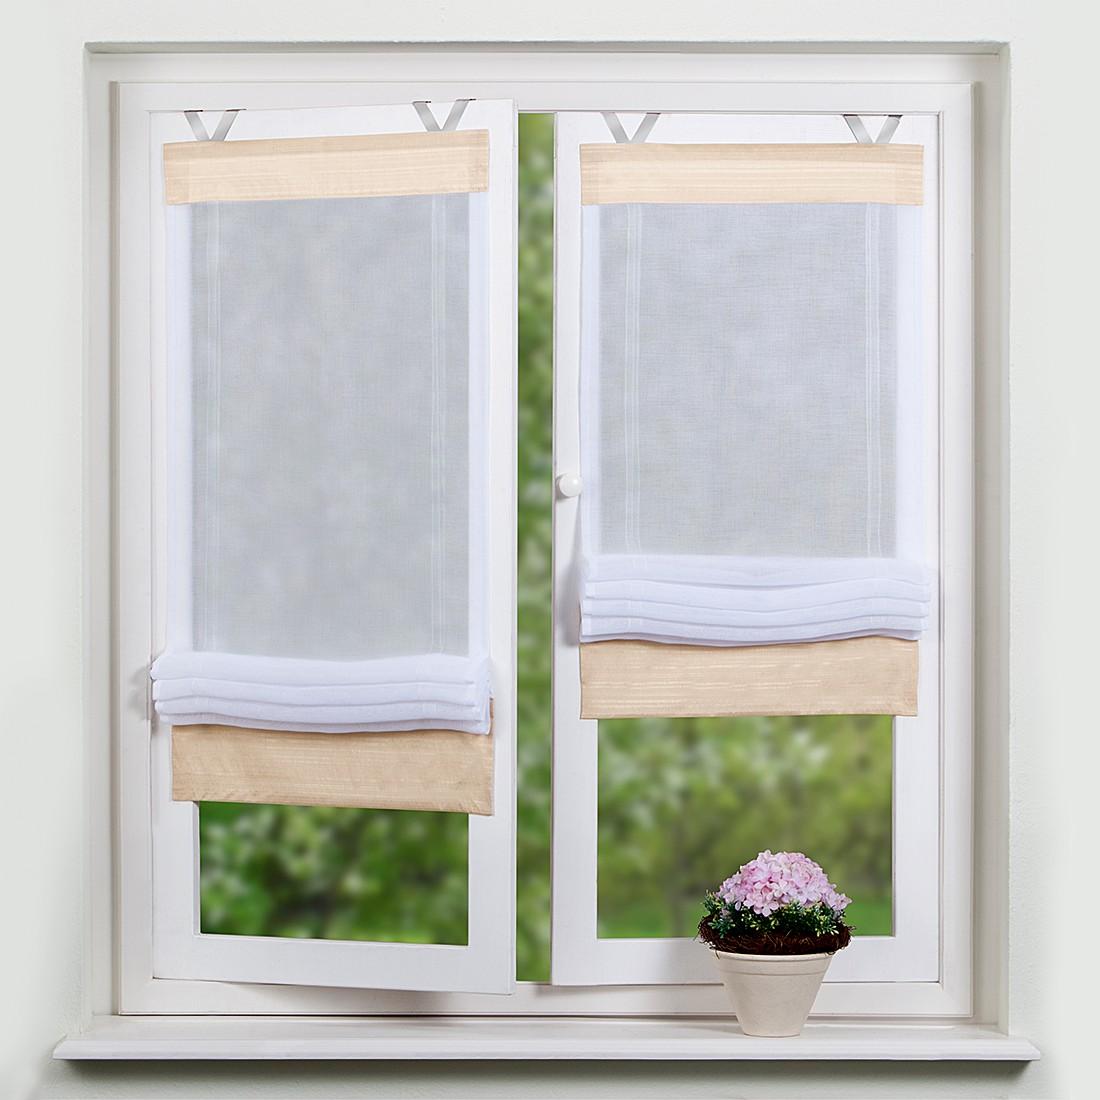 raffrollo 140 cm breit preisvergleiche erfahrungsberichte und kauf bei nextag. Black Bedroom Furniture Sets. Home Design Ideas